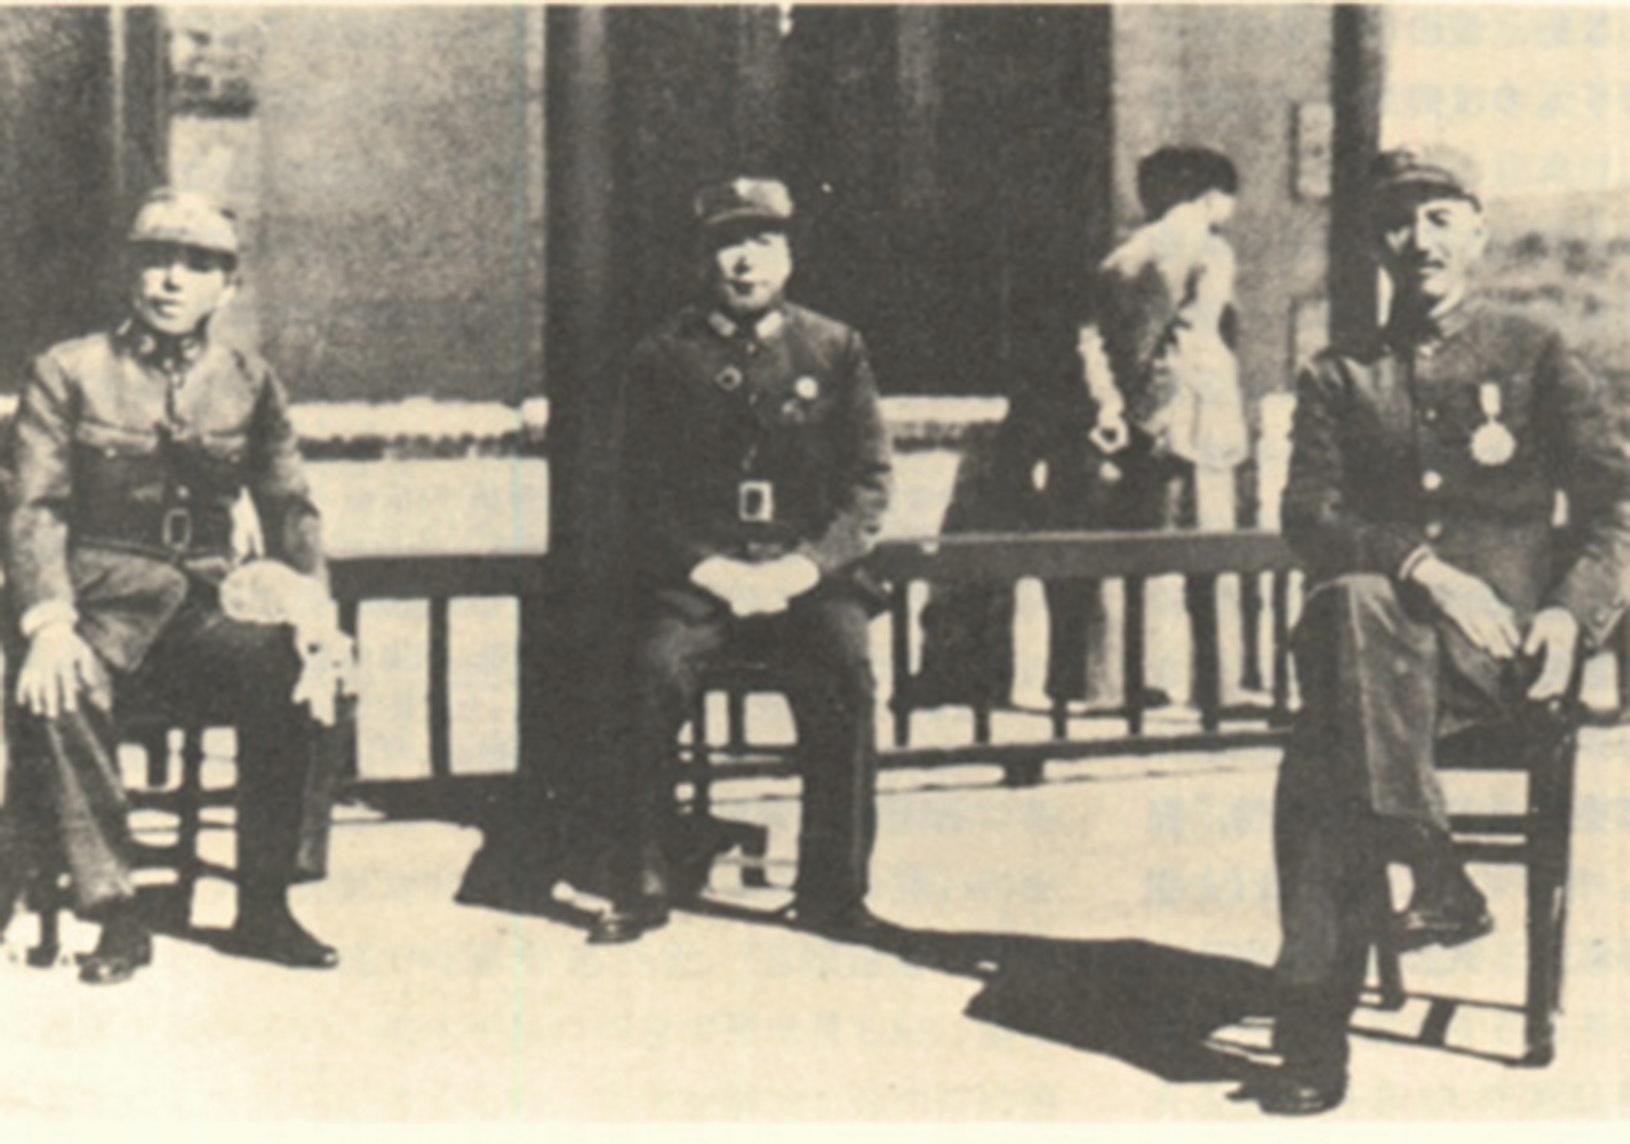 西安事變發生前,蔣介石(右)、張學良(左)及楊虎城(中)合影。(公有領域)